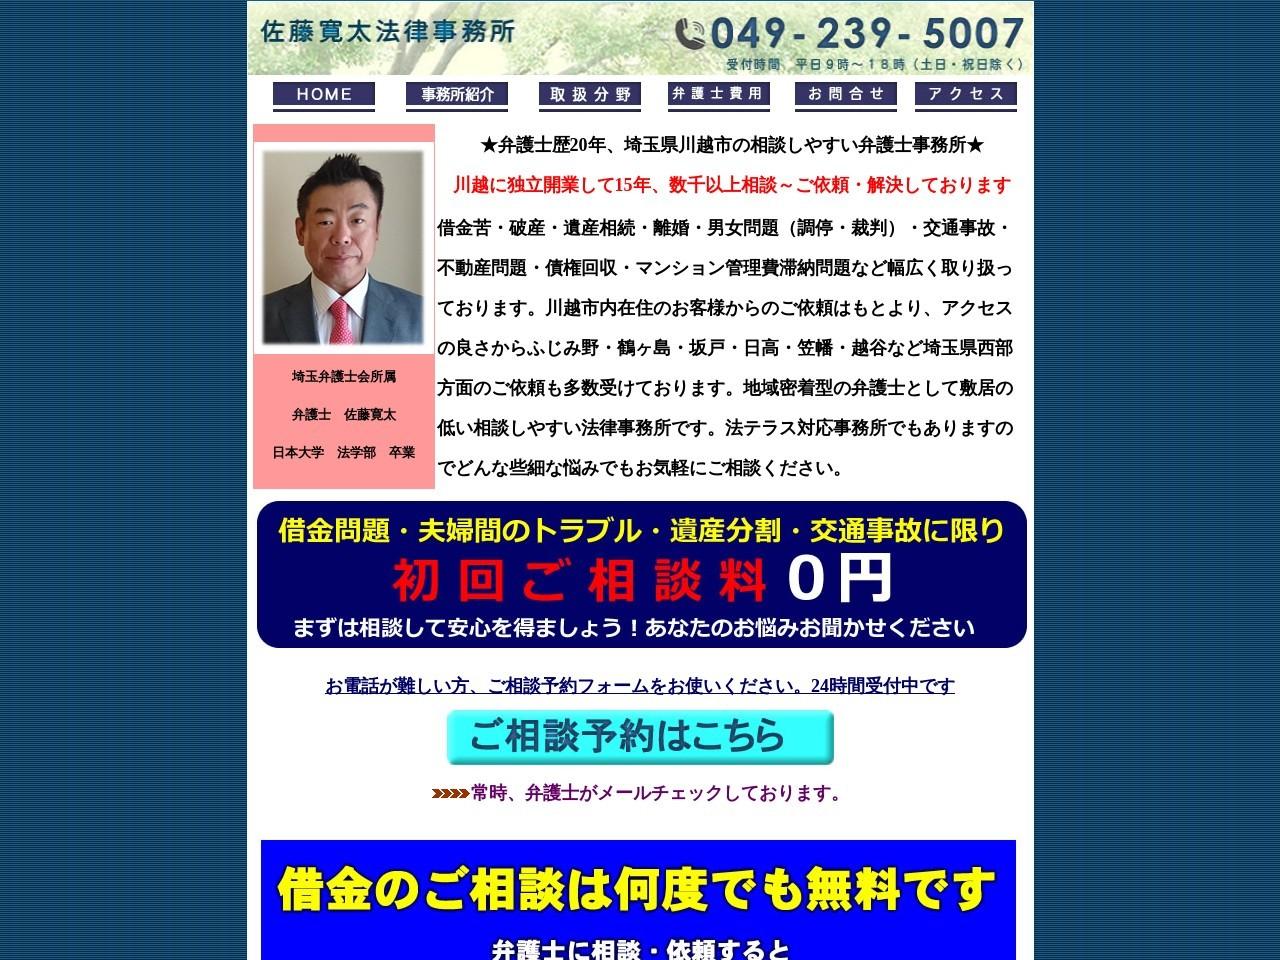 佐藤寛太法律事務所